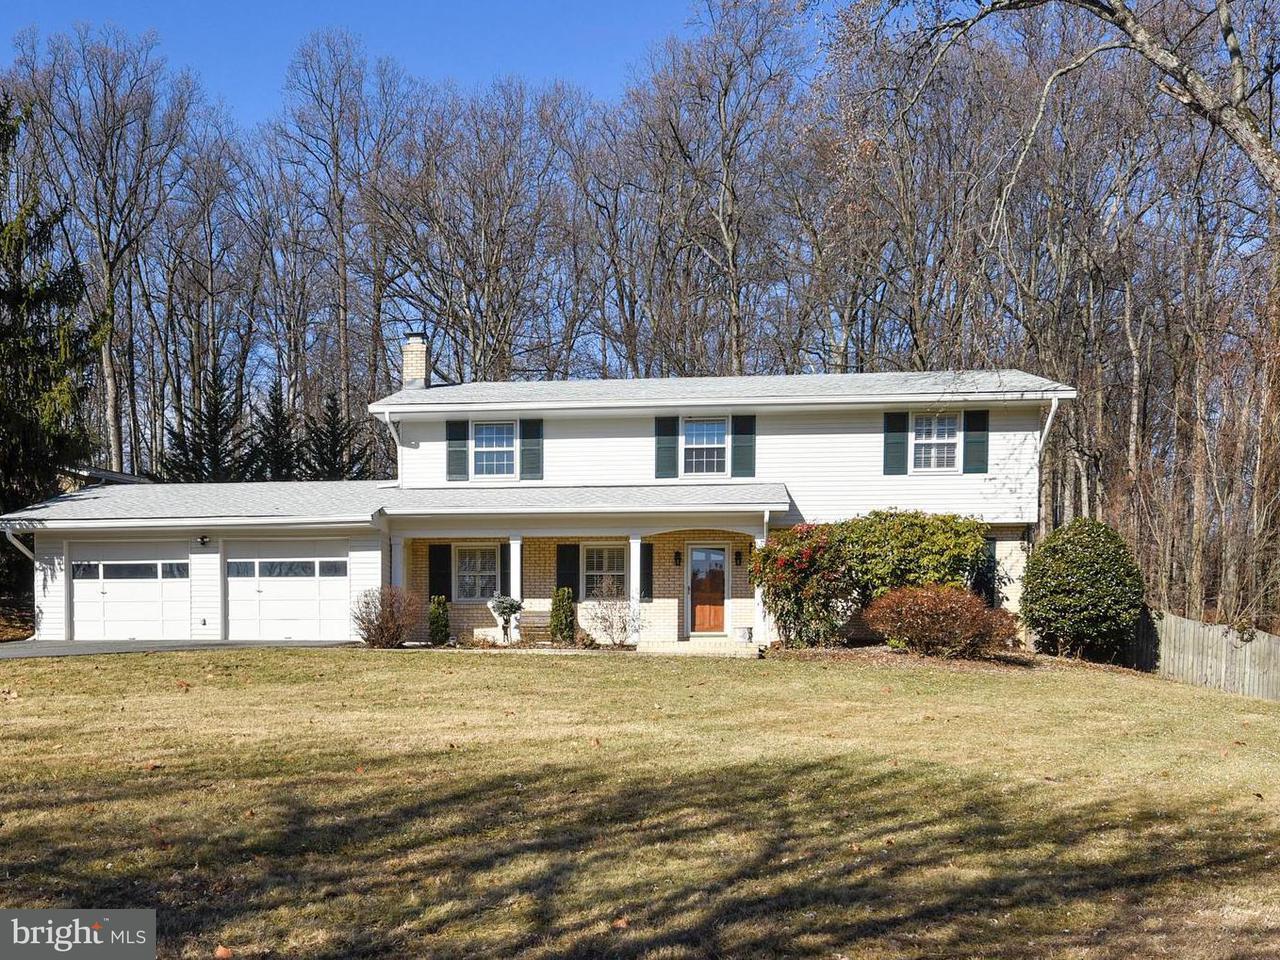 一戸建て のために 売買 アット 5601 Granby Road 5601 Granby Road Derwood, メリーランド 20855 アメリカ合衆国